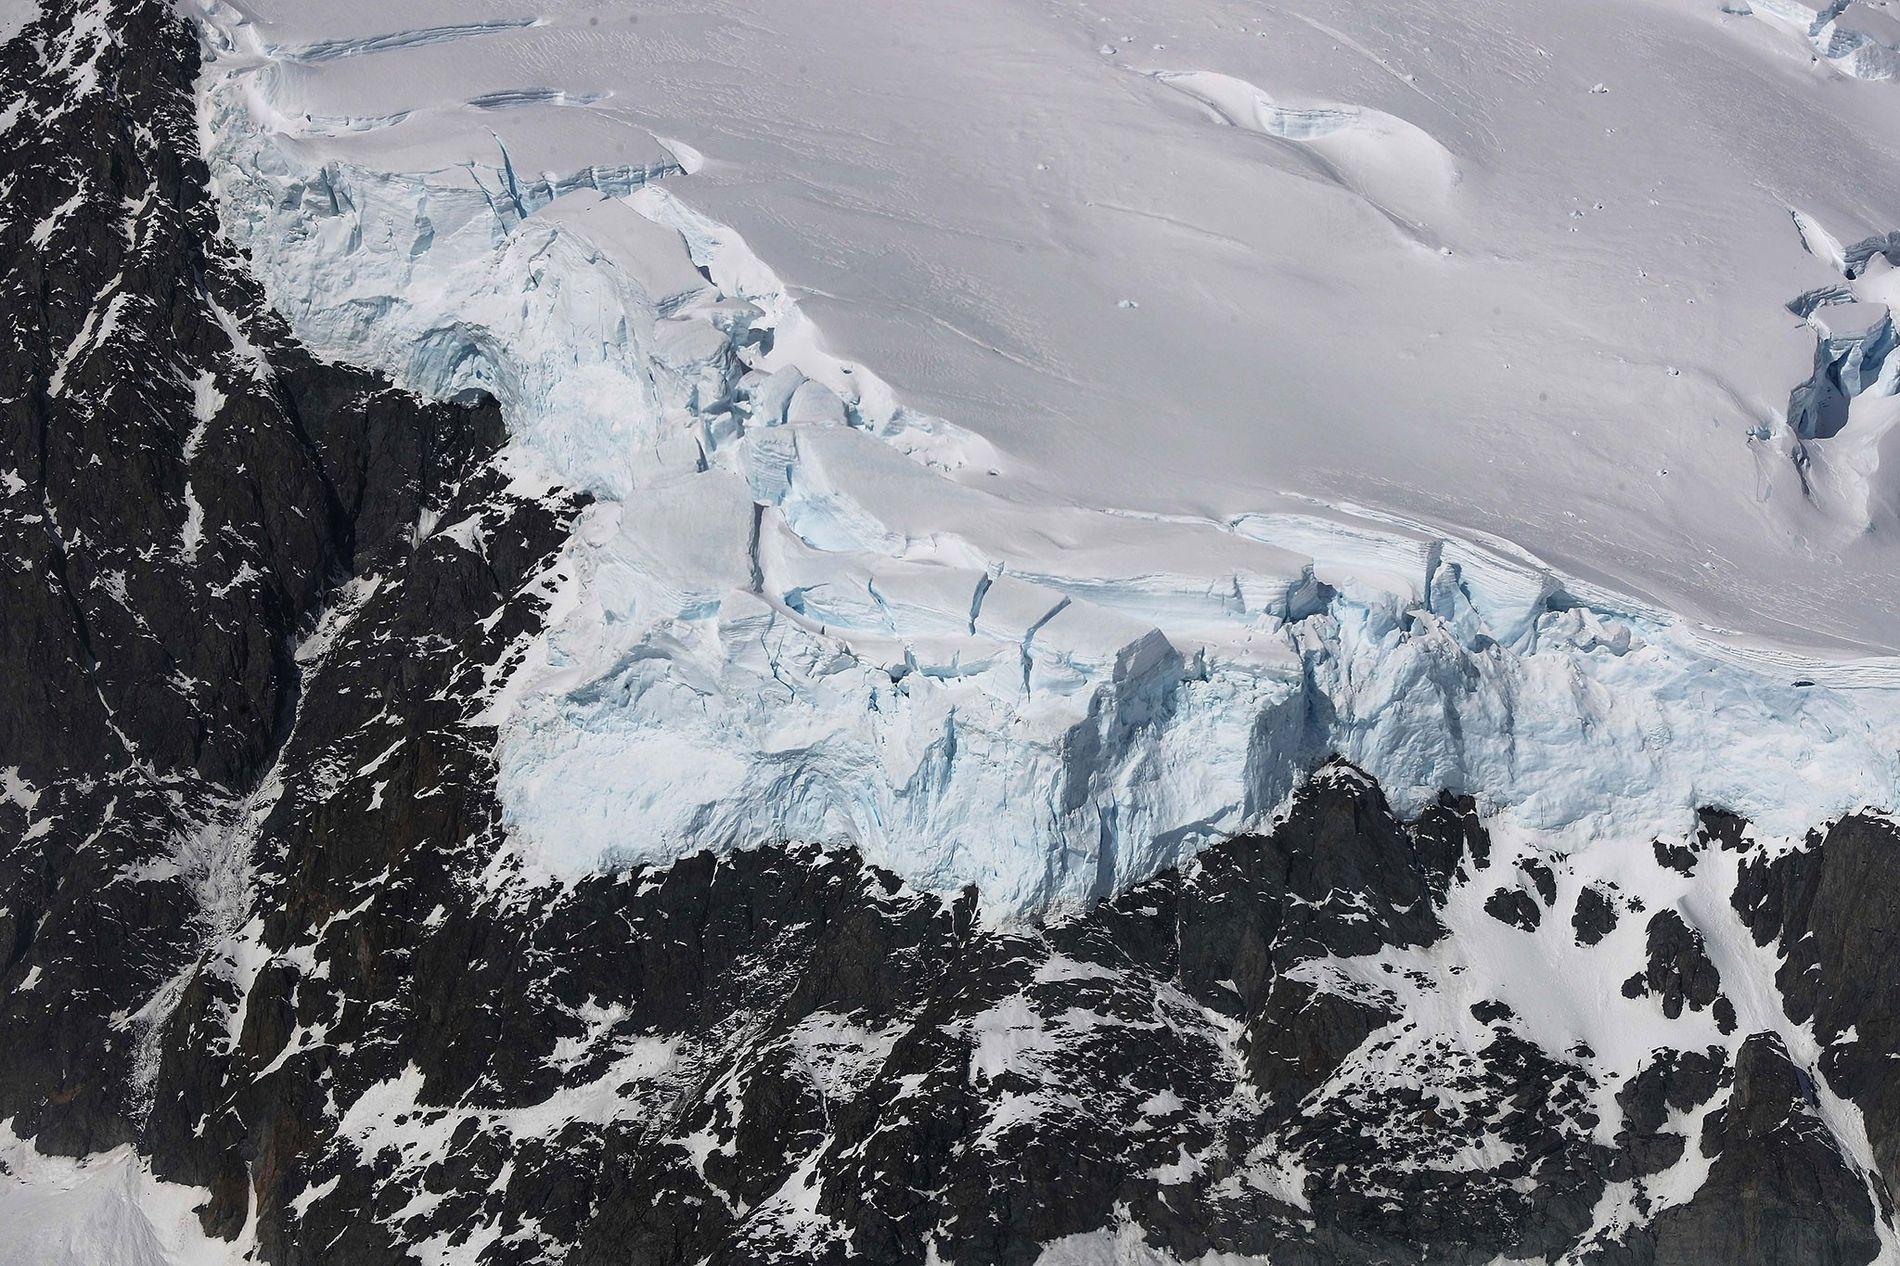 Encontro de gelo e rocha na península Antártica, em uma fotografia tirada pela Operação IceBridge da ...